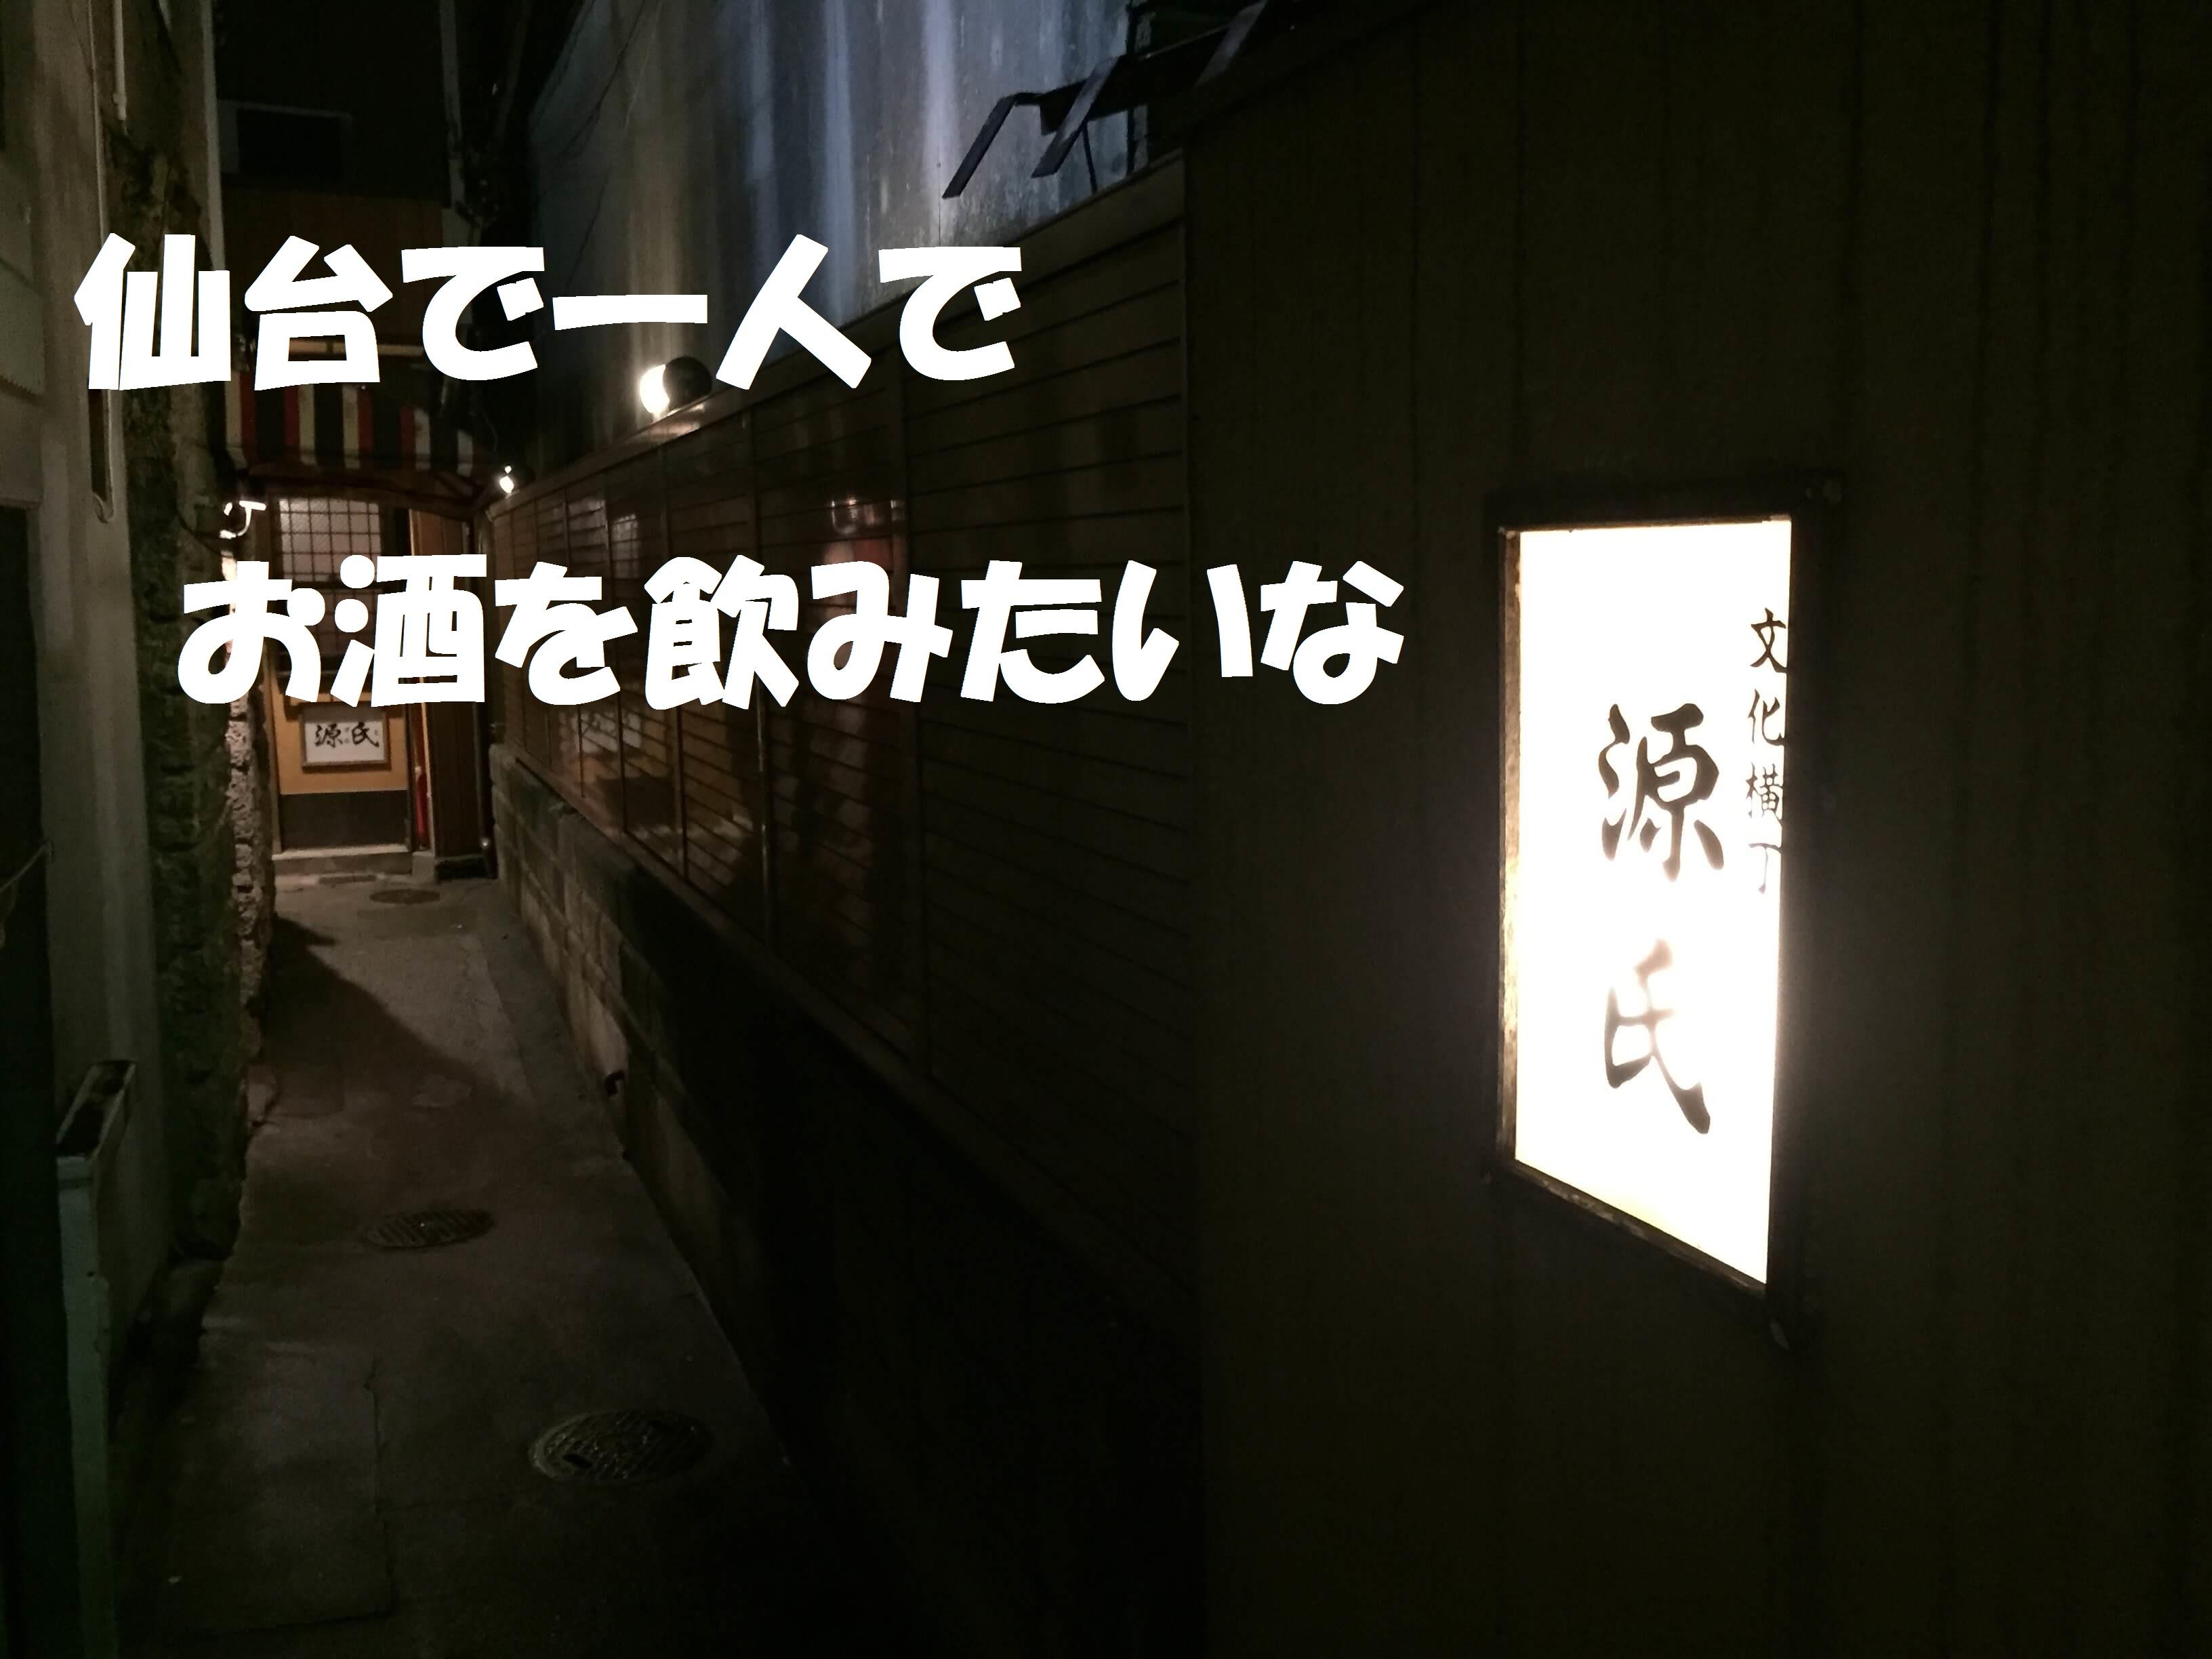 仙台で一人でお酒を飲みたい。それができる異次元空間居酒屋「源氏」